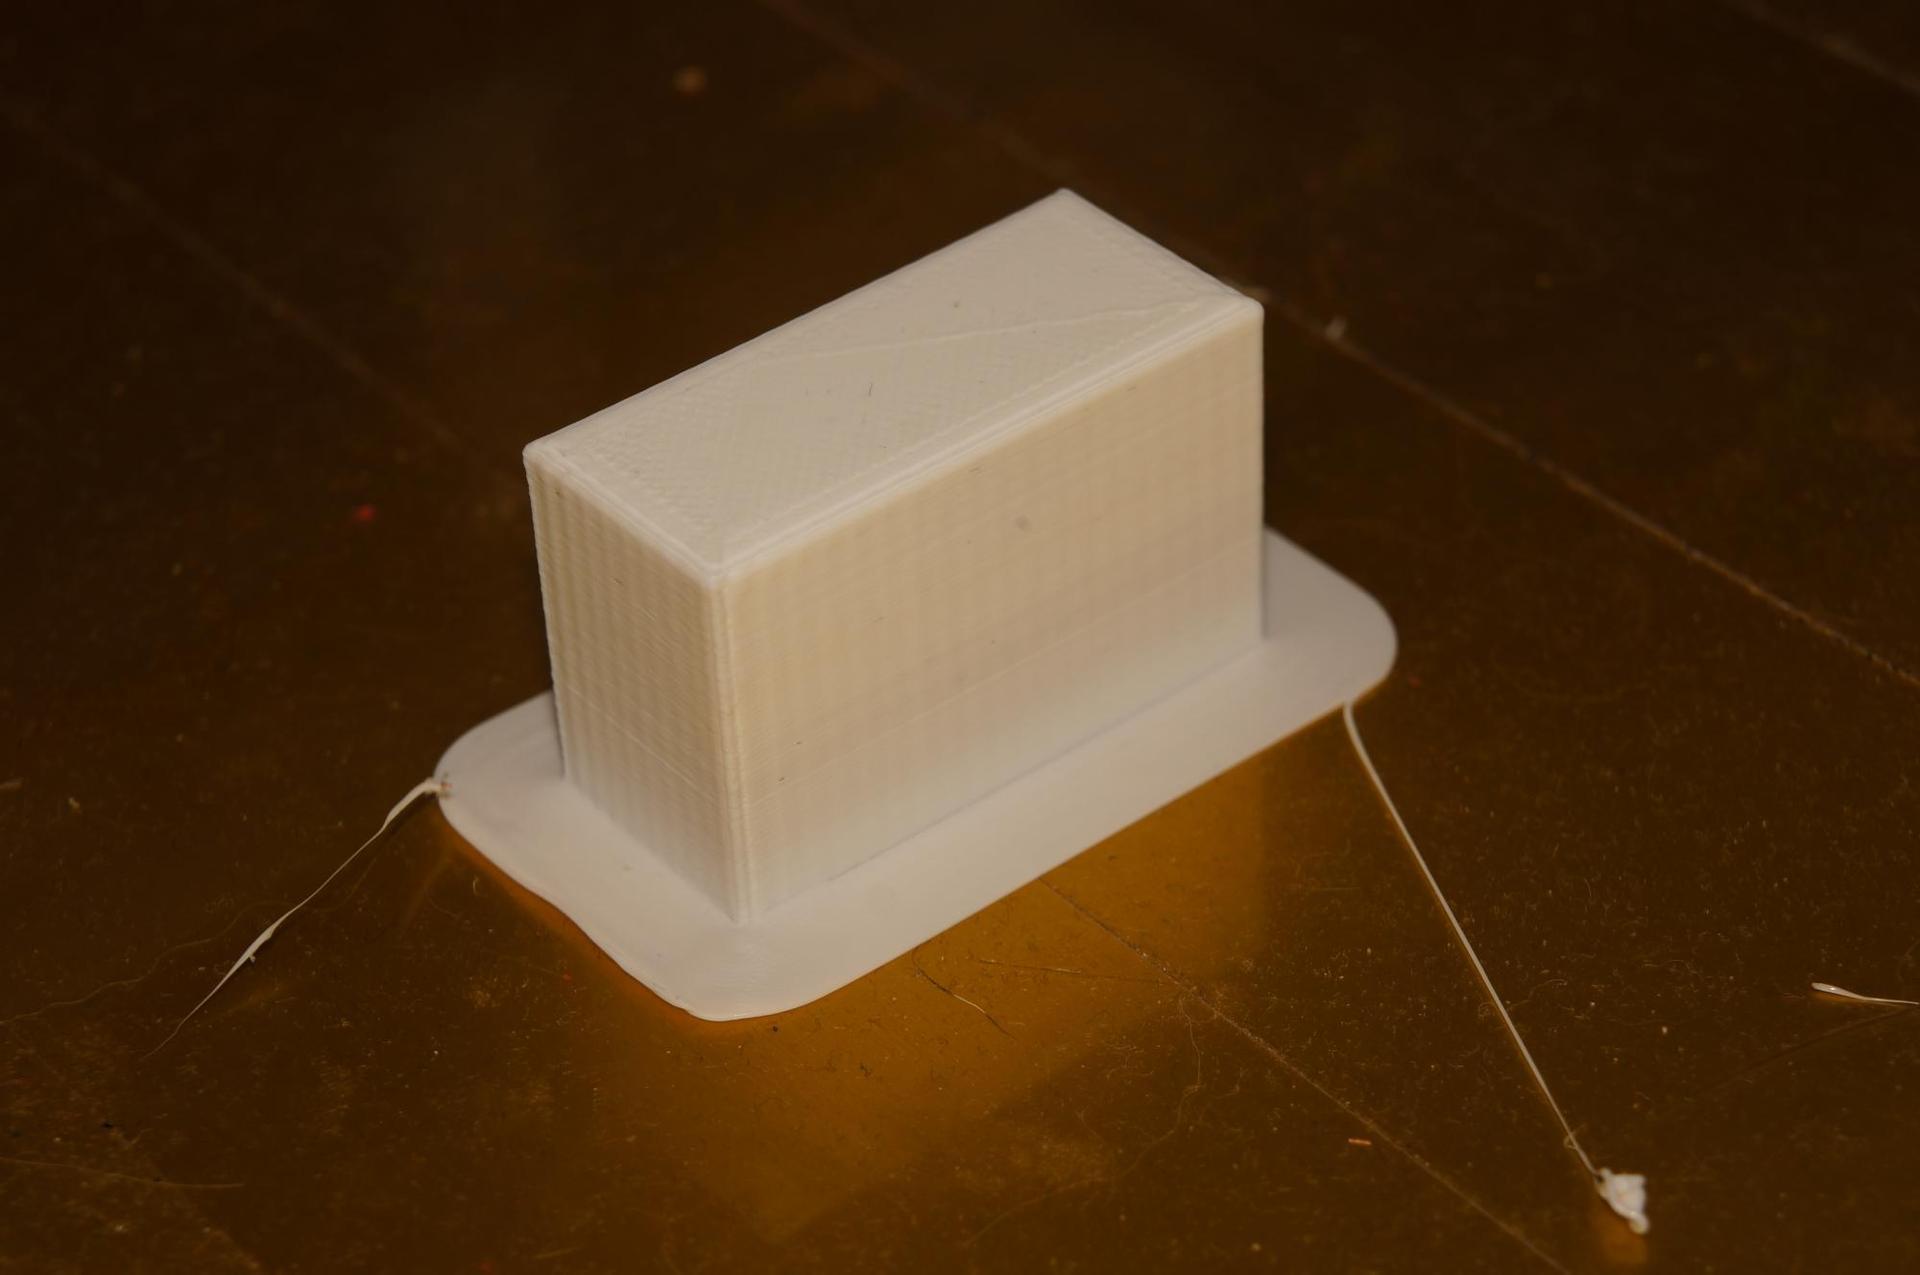 Обзор принтера от flsun с большой областью печати - 13